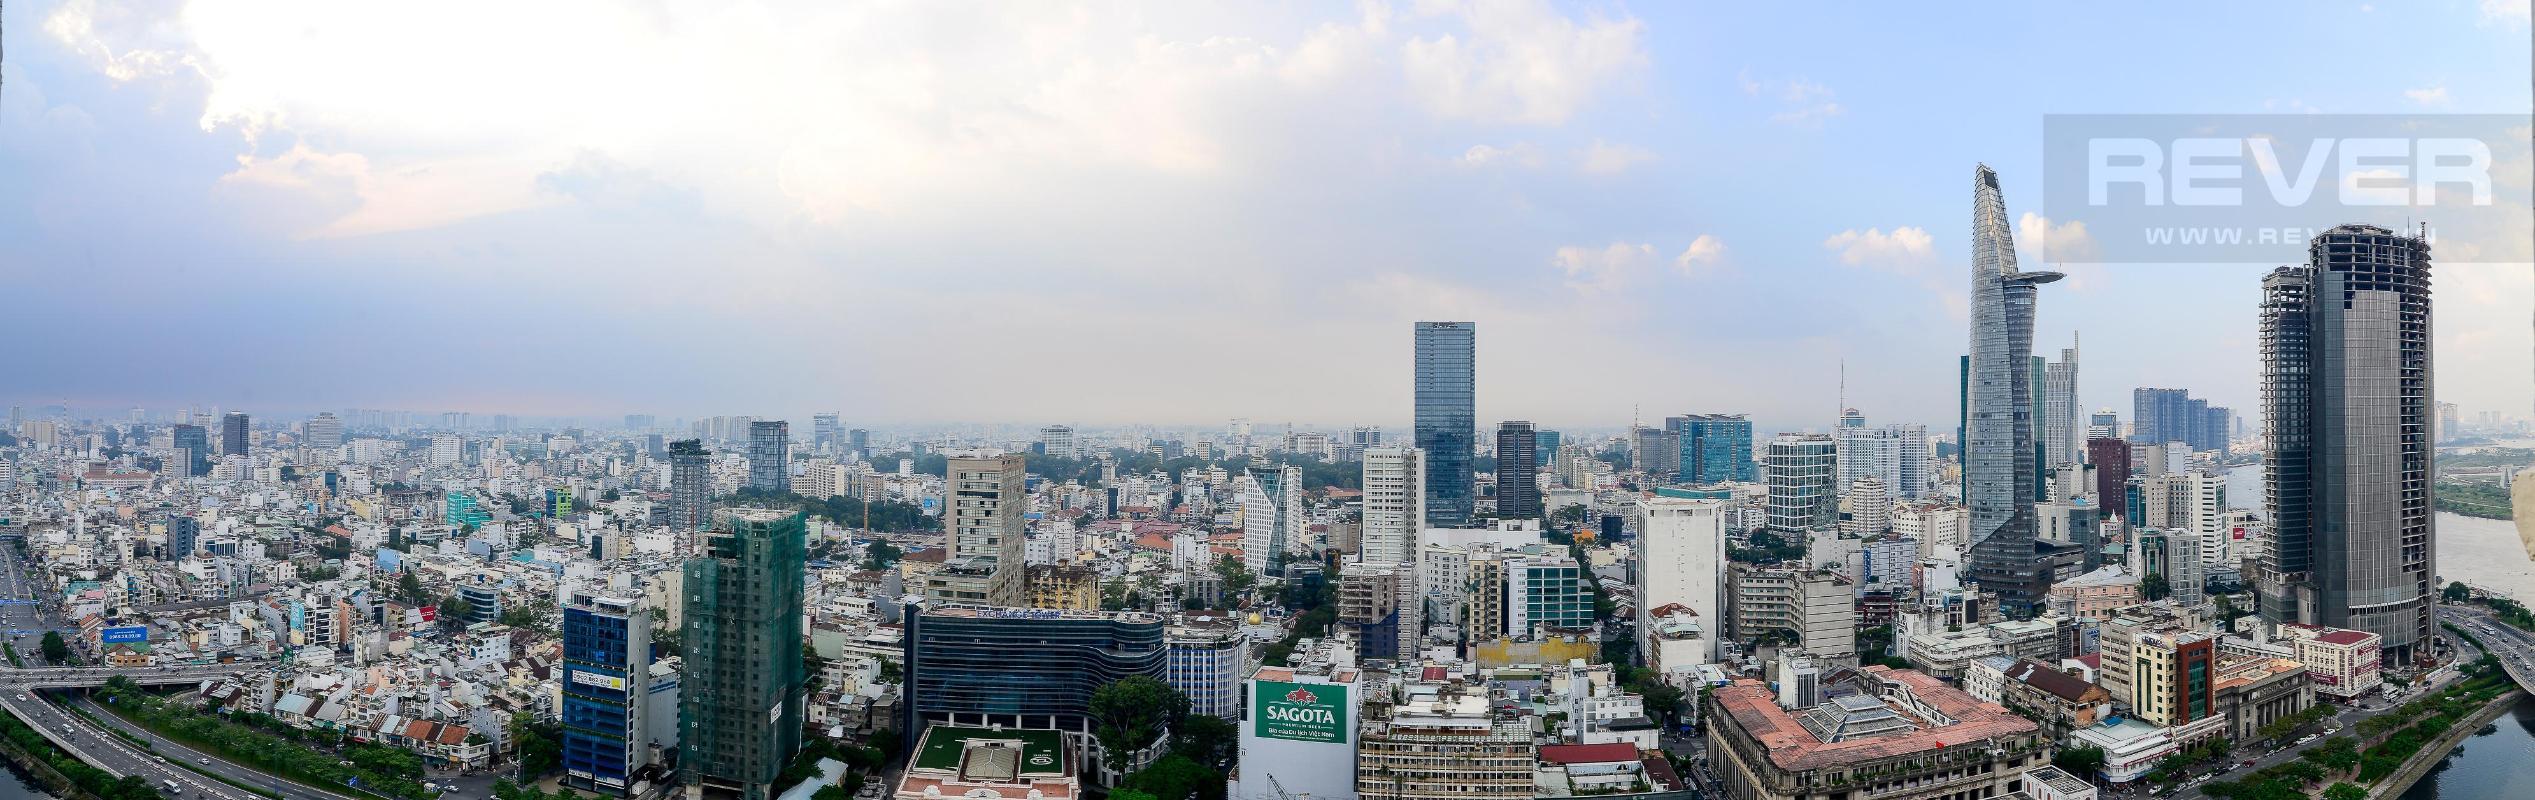 d6fdbbdd3218d4468d09 Cho thuê căn hộ Saigon Royal 2PN, tháp A, diện tích 86m2, đầy đủ nội thất, view thành phố